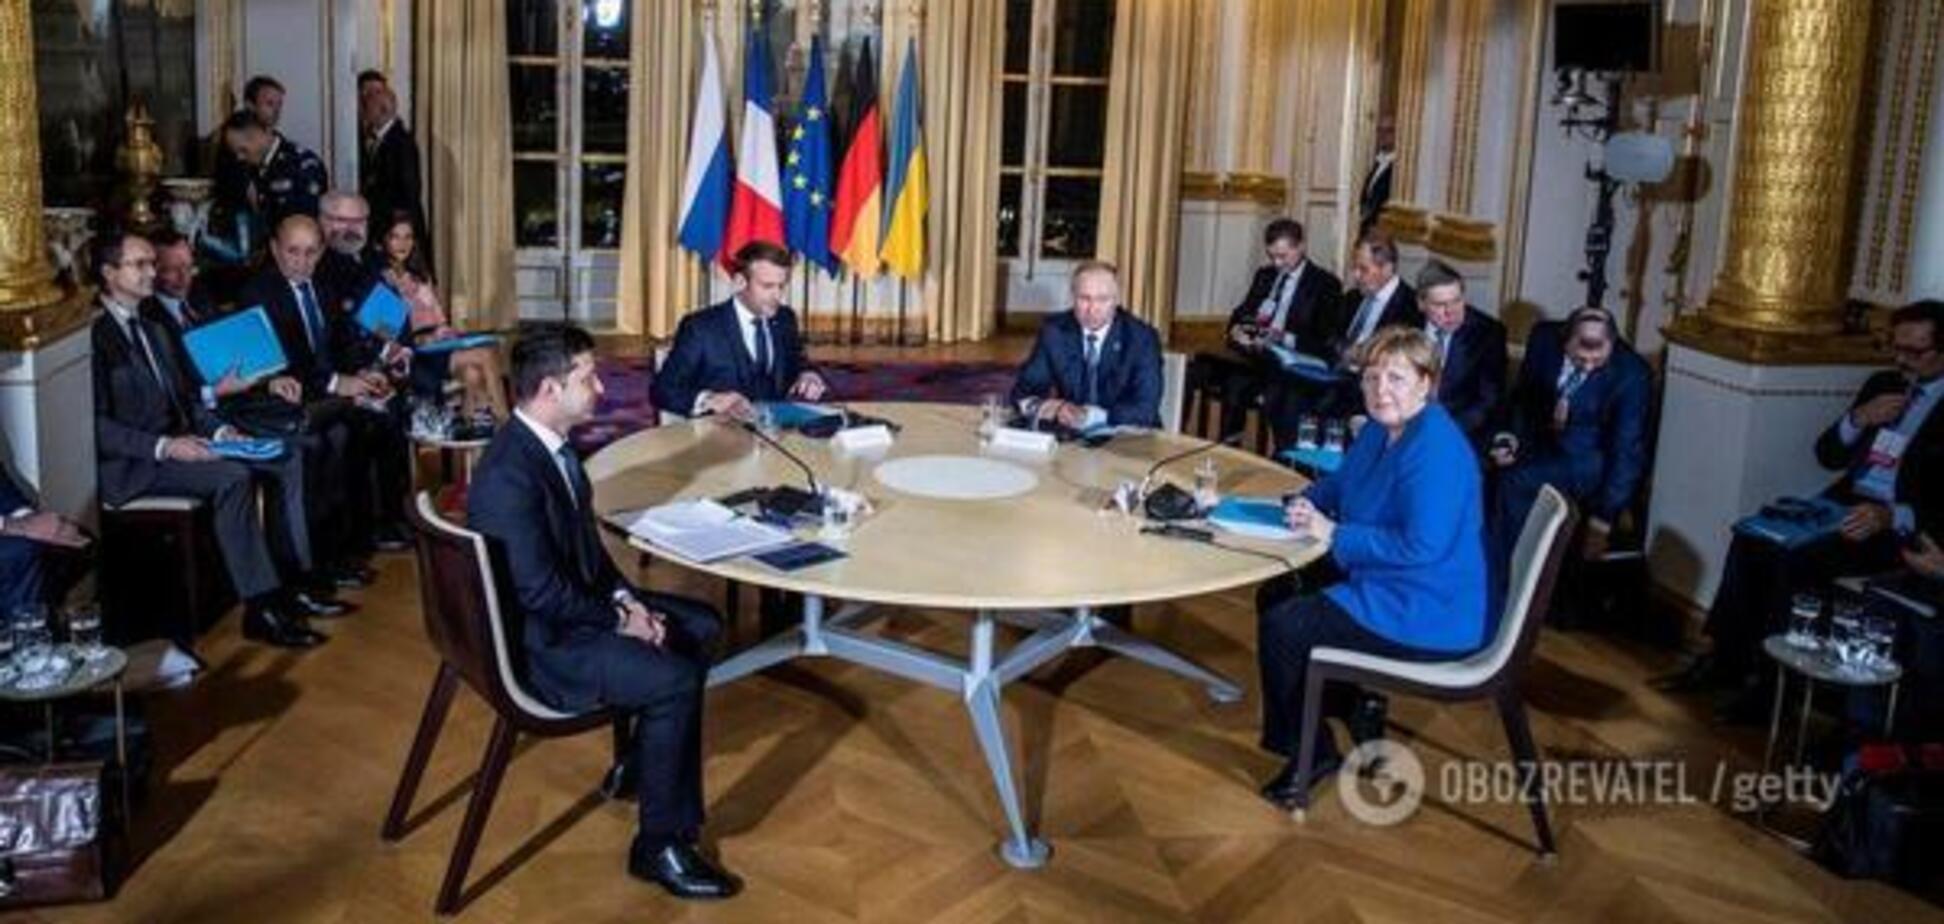 'Путін, виведи війська': Зеленському жорстко пригрозили через 'психоз' Суркова на переговорах